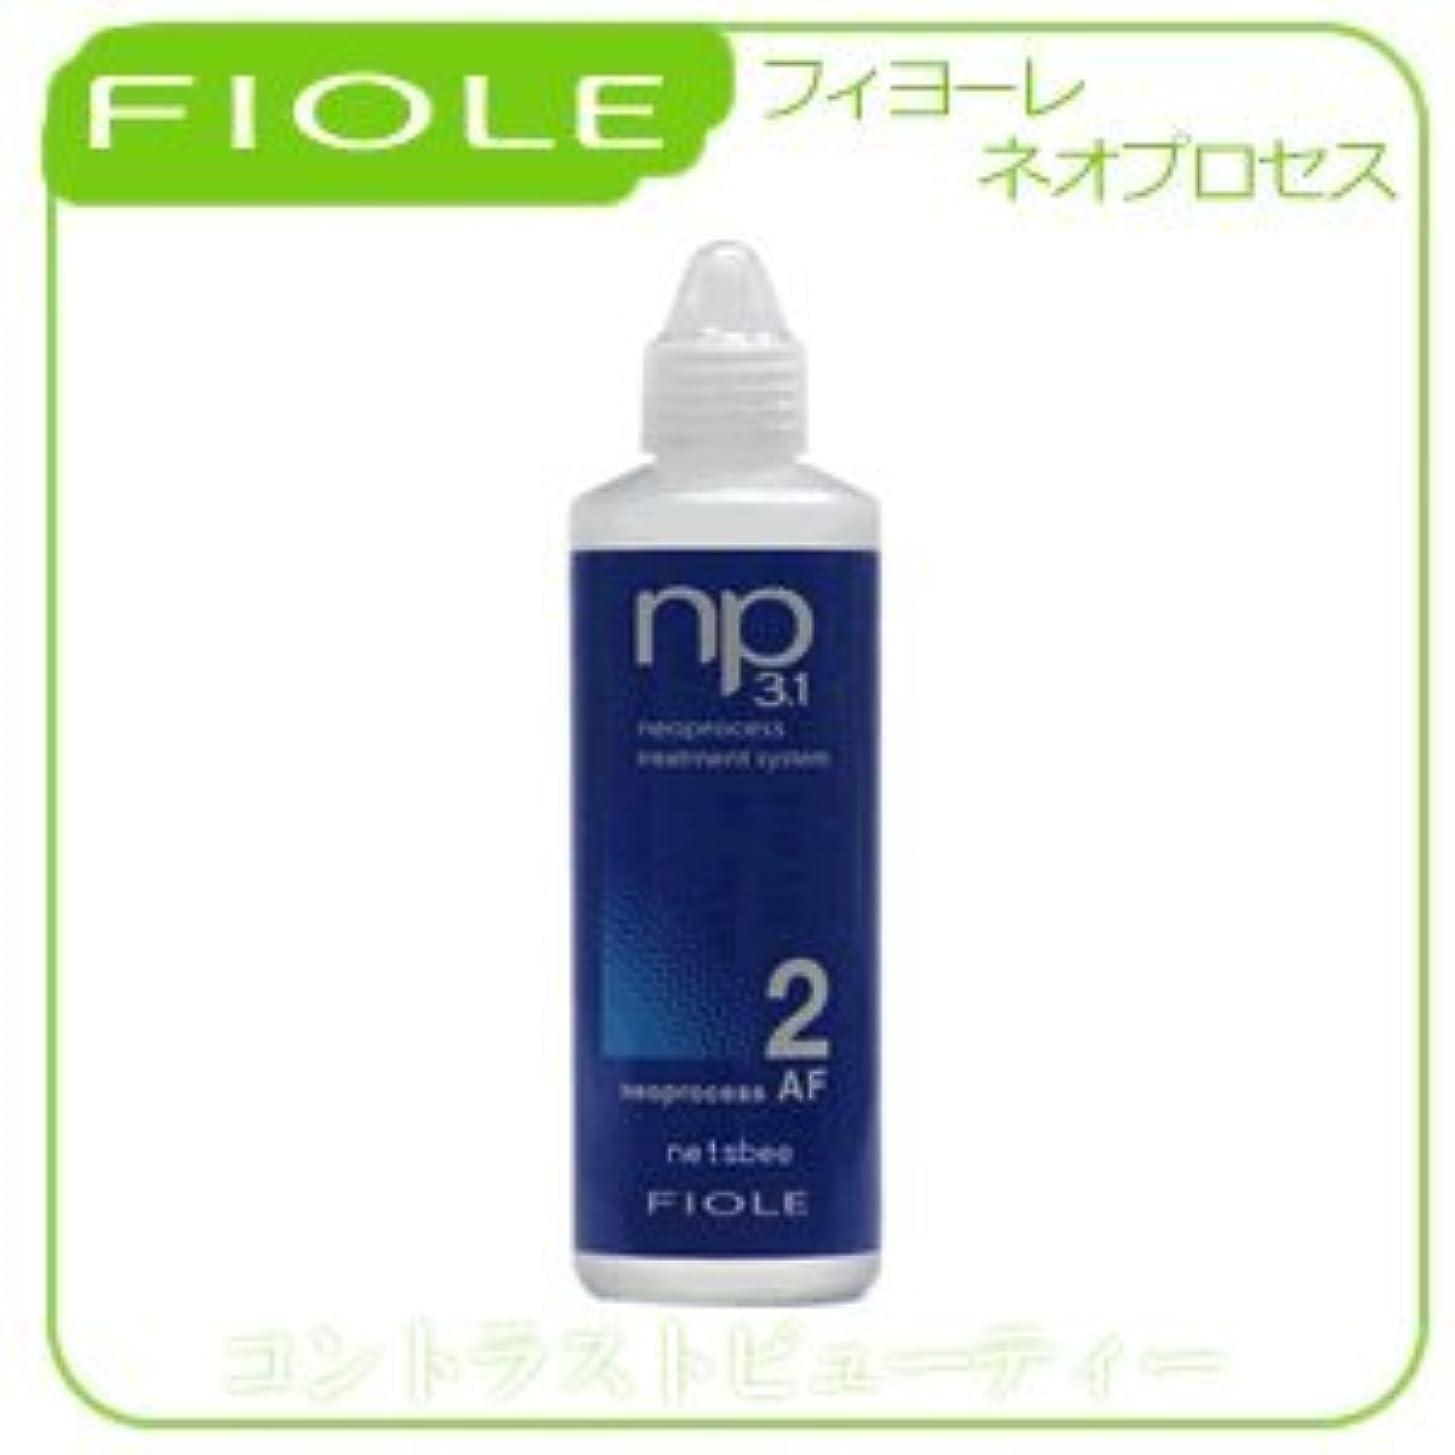 会社座る測る【X3個セット】 フィヨーレ NP3.1 ネオプロセス AF2 130ml FIOLE ネオプロセス